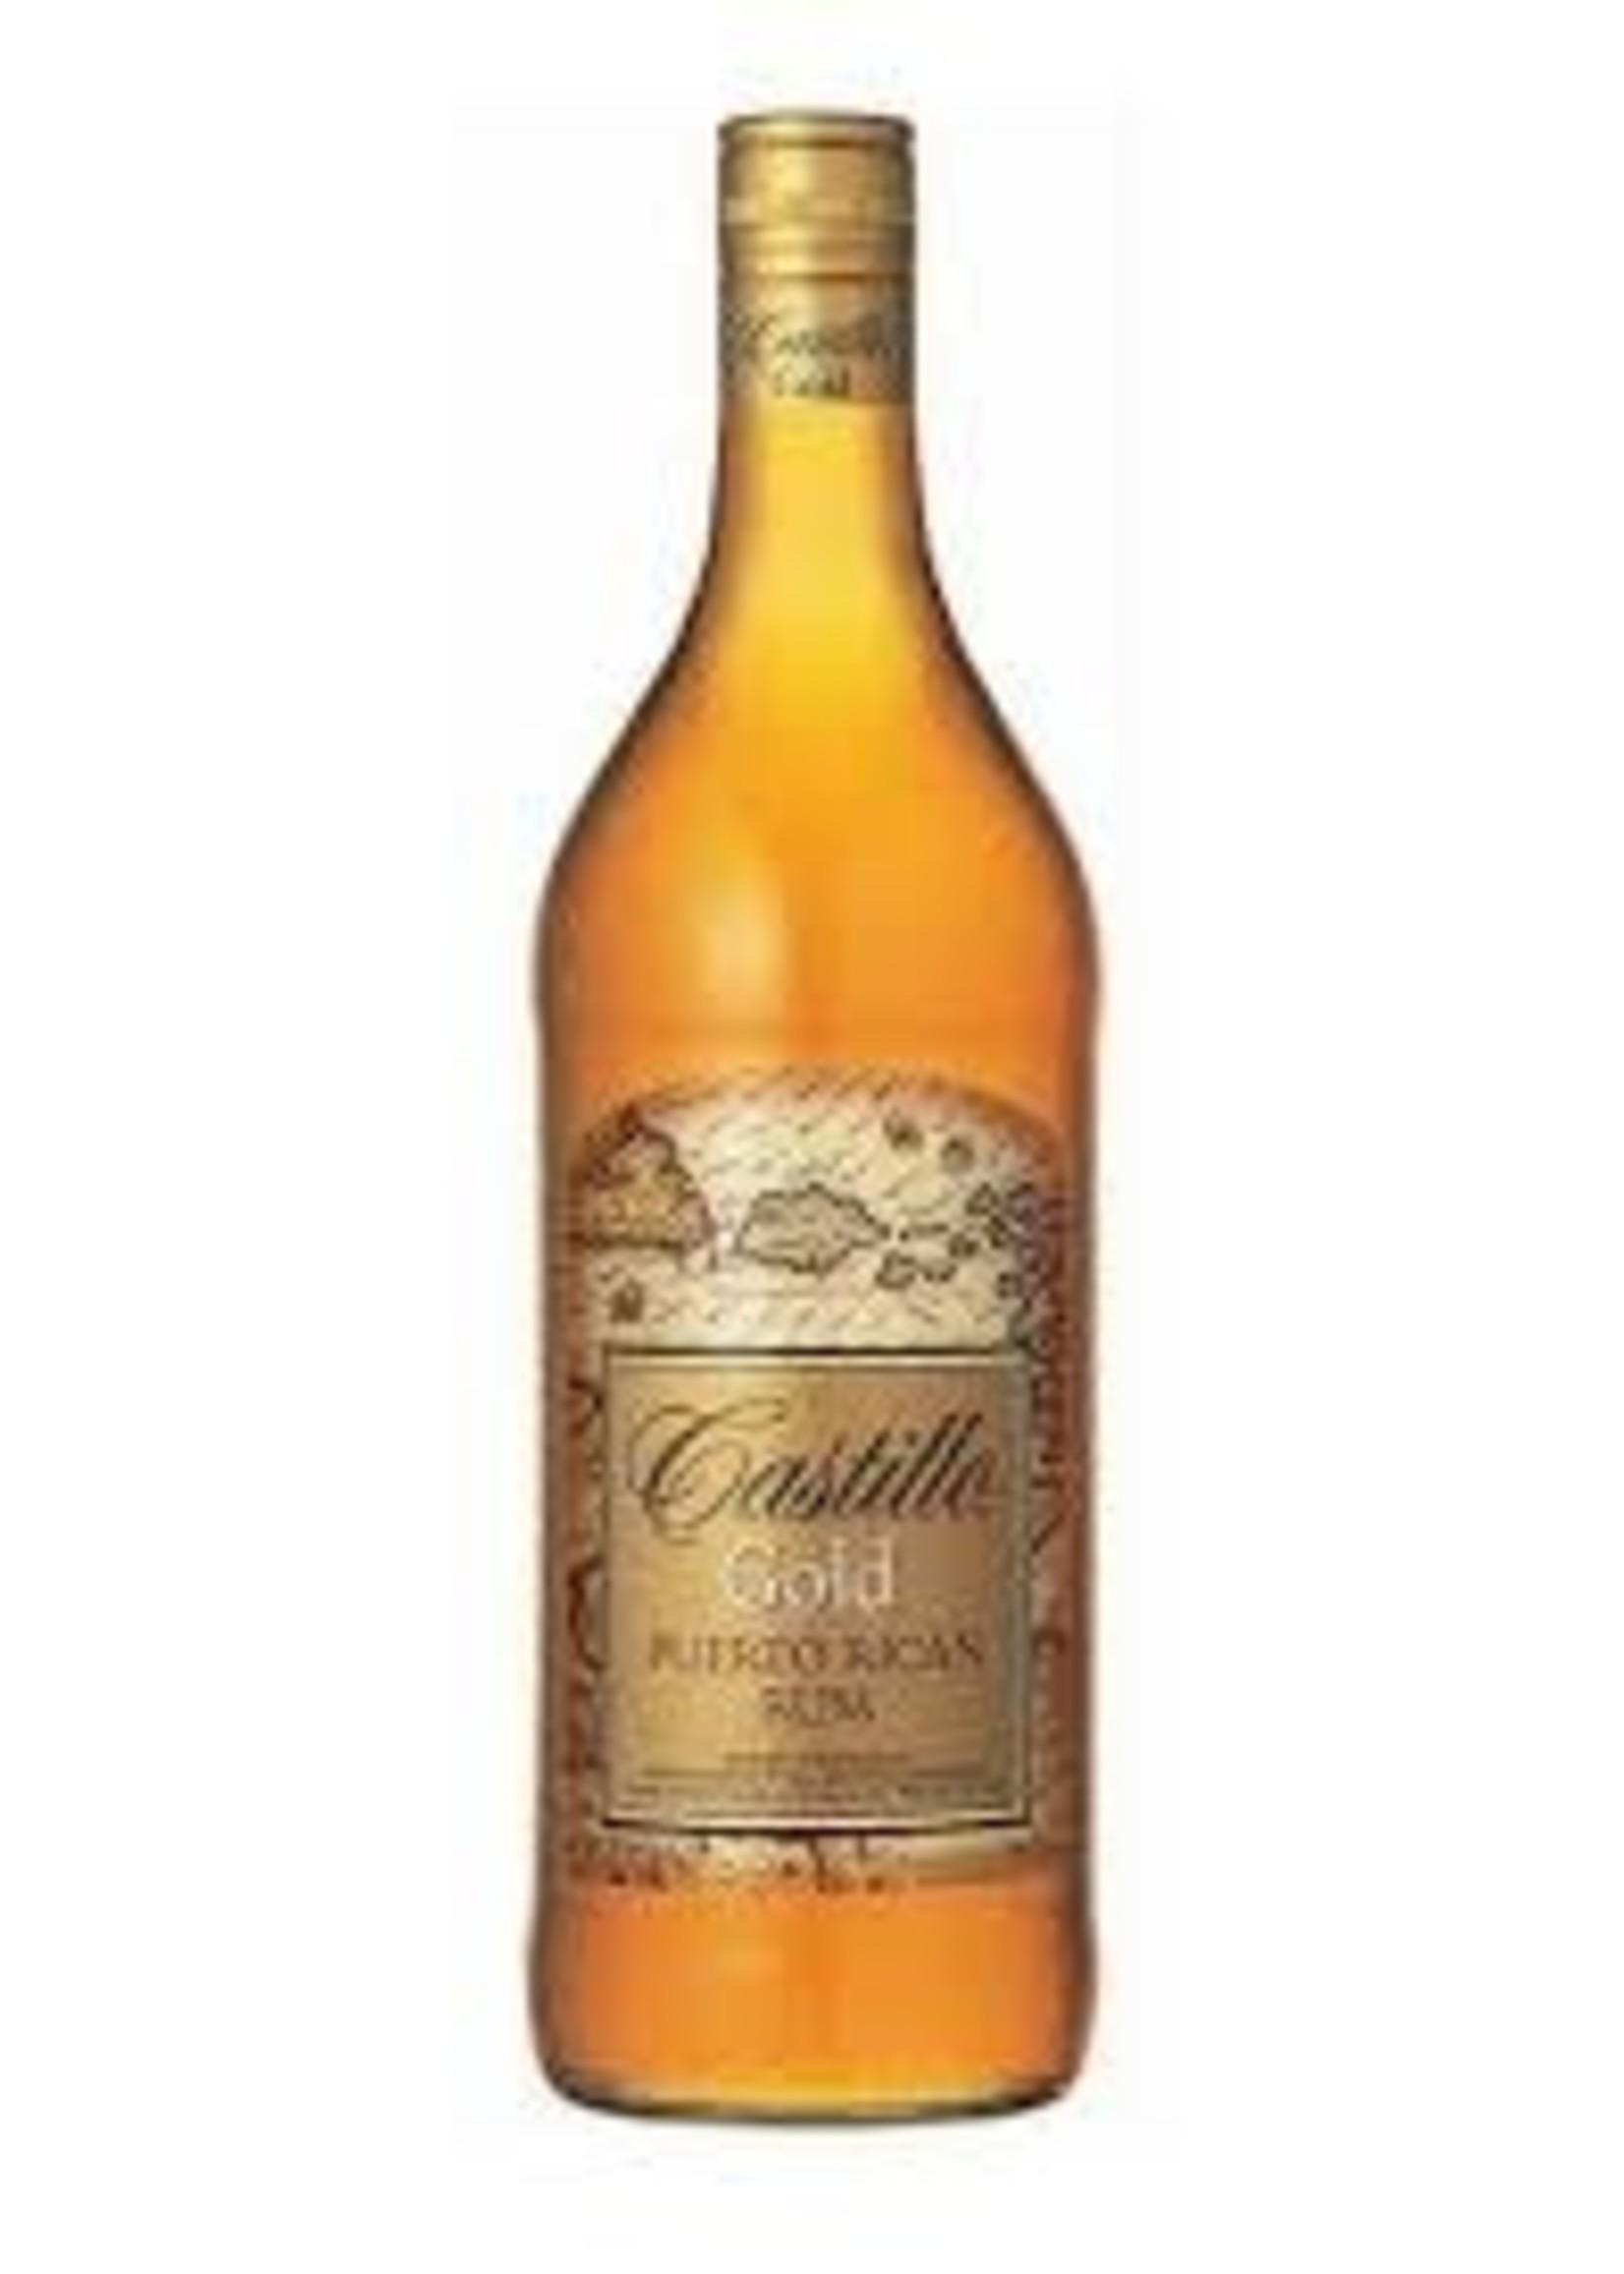 Castillo Castillo / Rum Gold